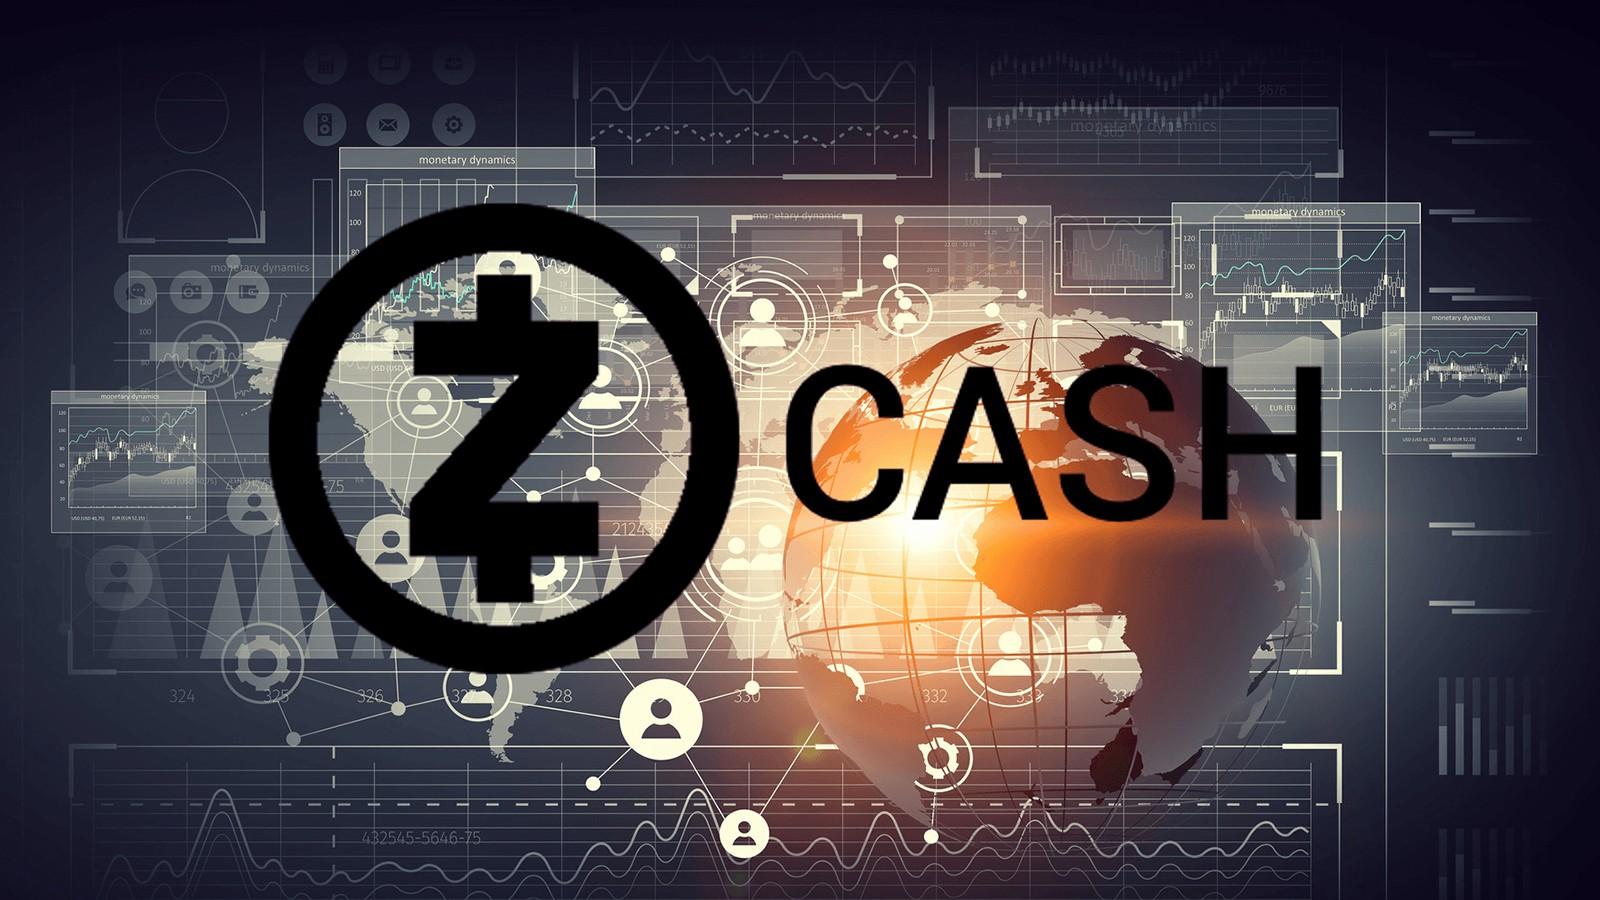 Проблемы криптовалюты  Zcash